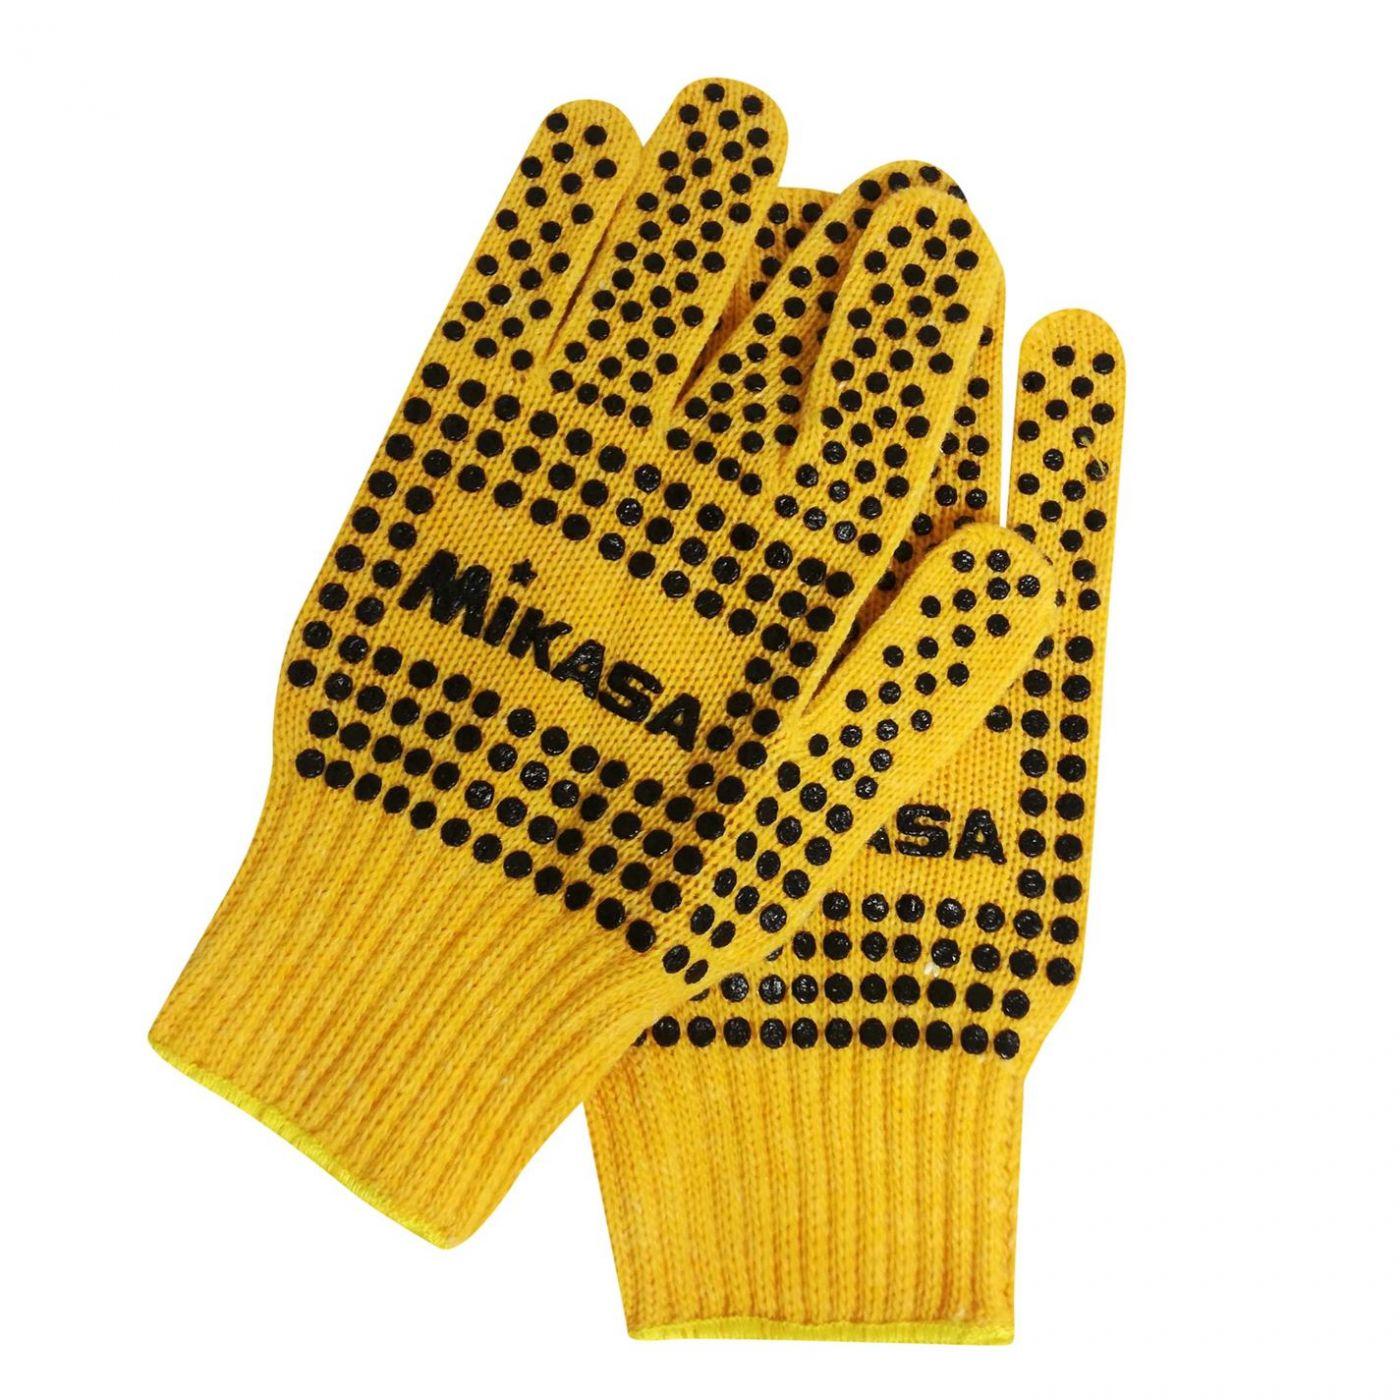 Mikasa GAA Gloves Mens